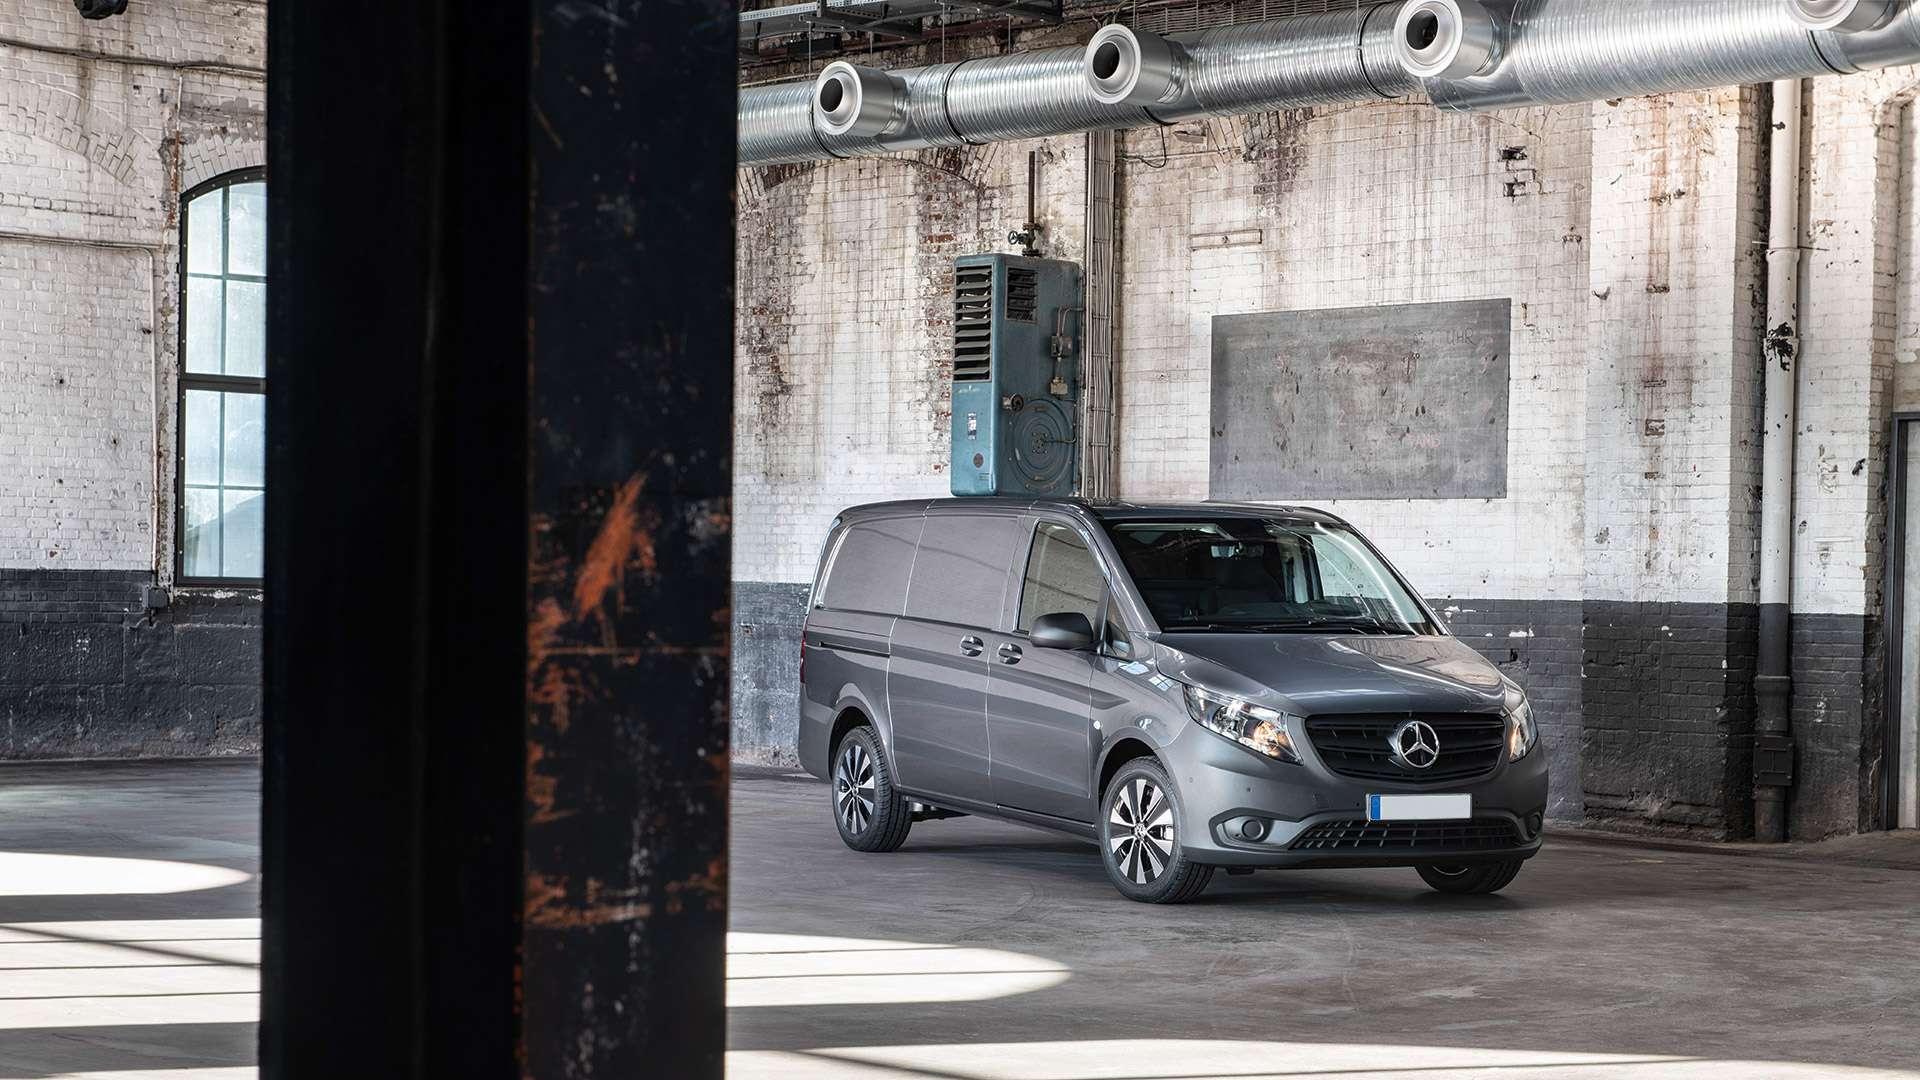 Renting furgonetas Mercedes Vito